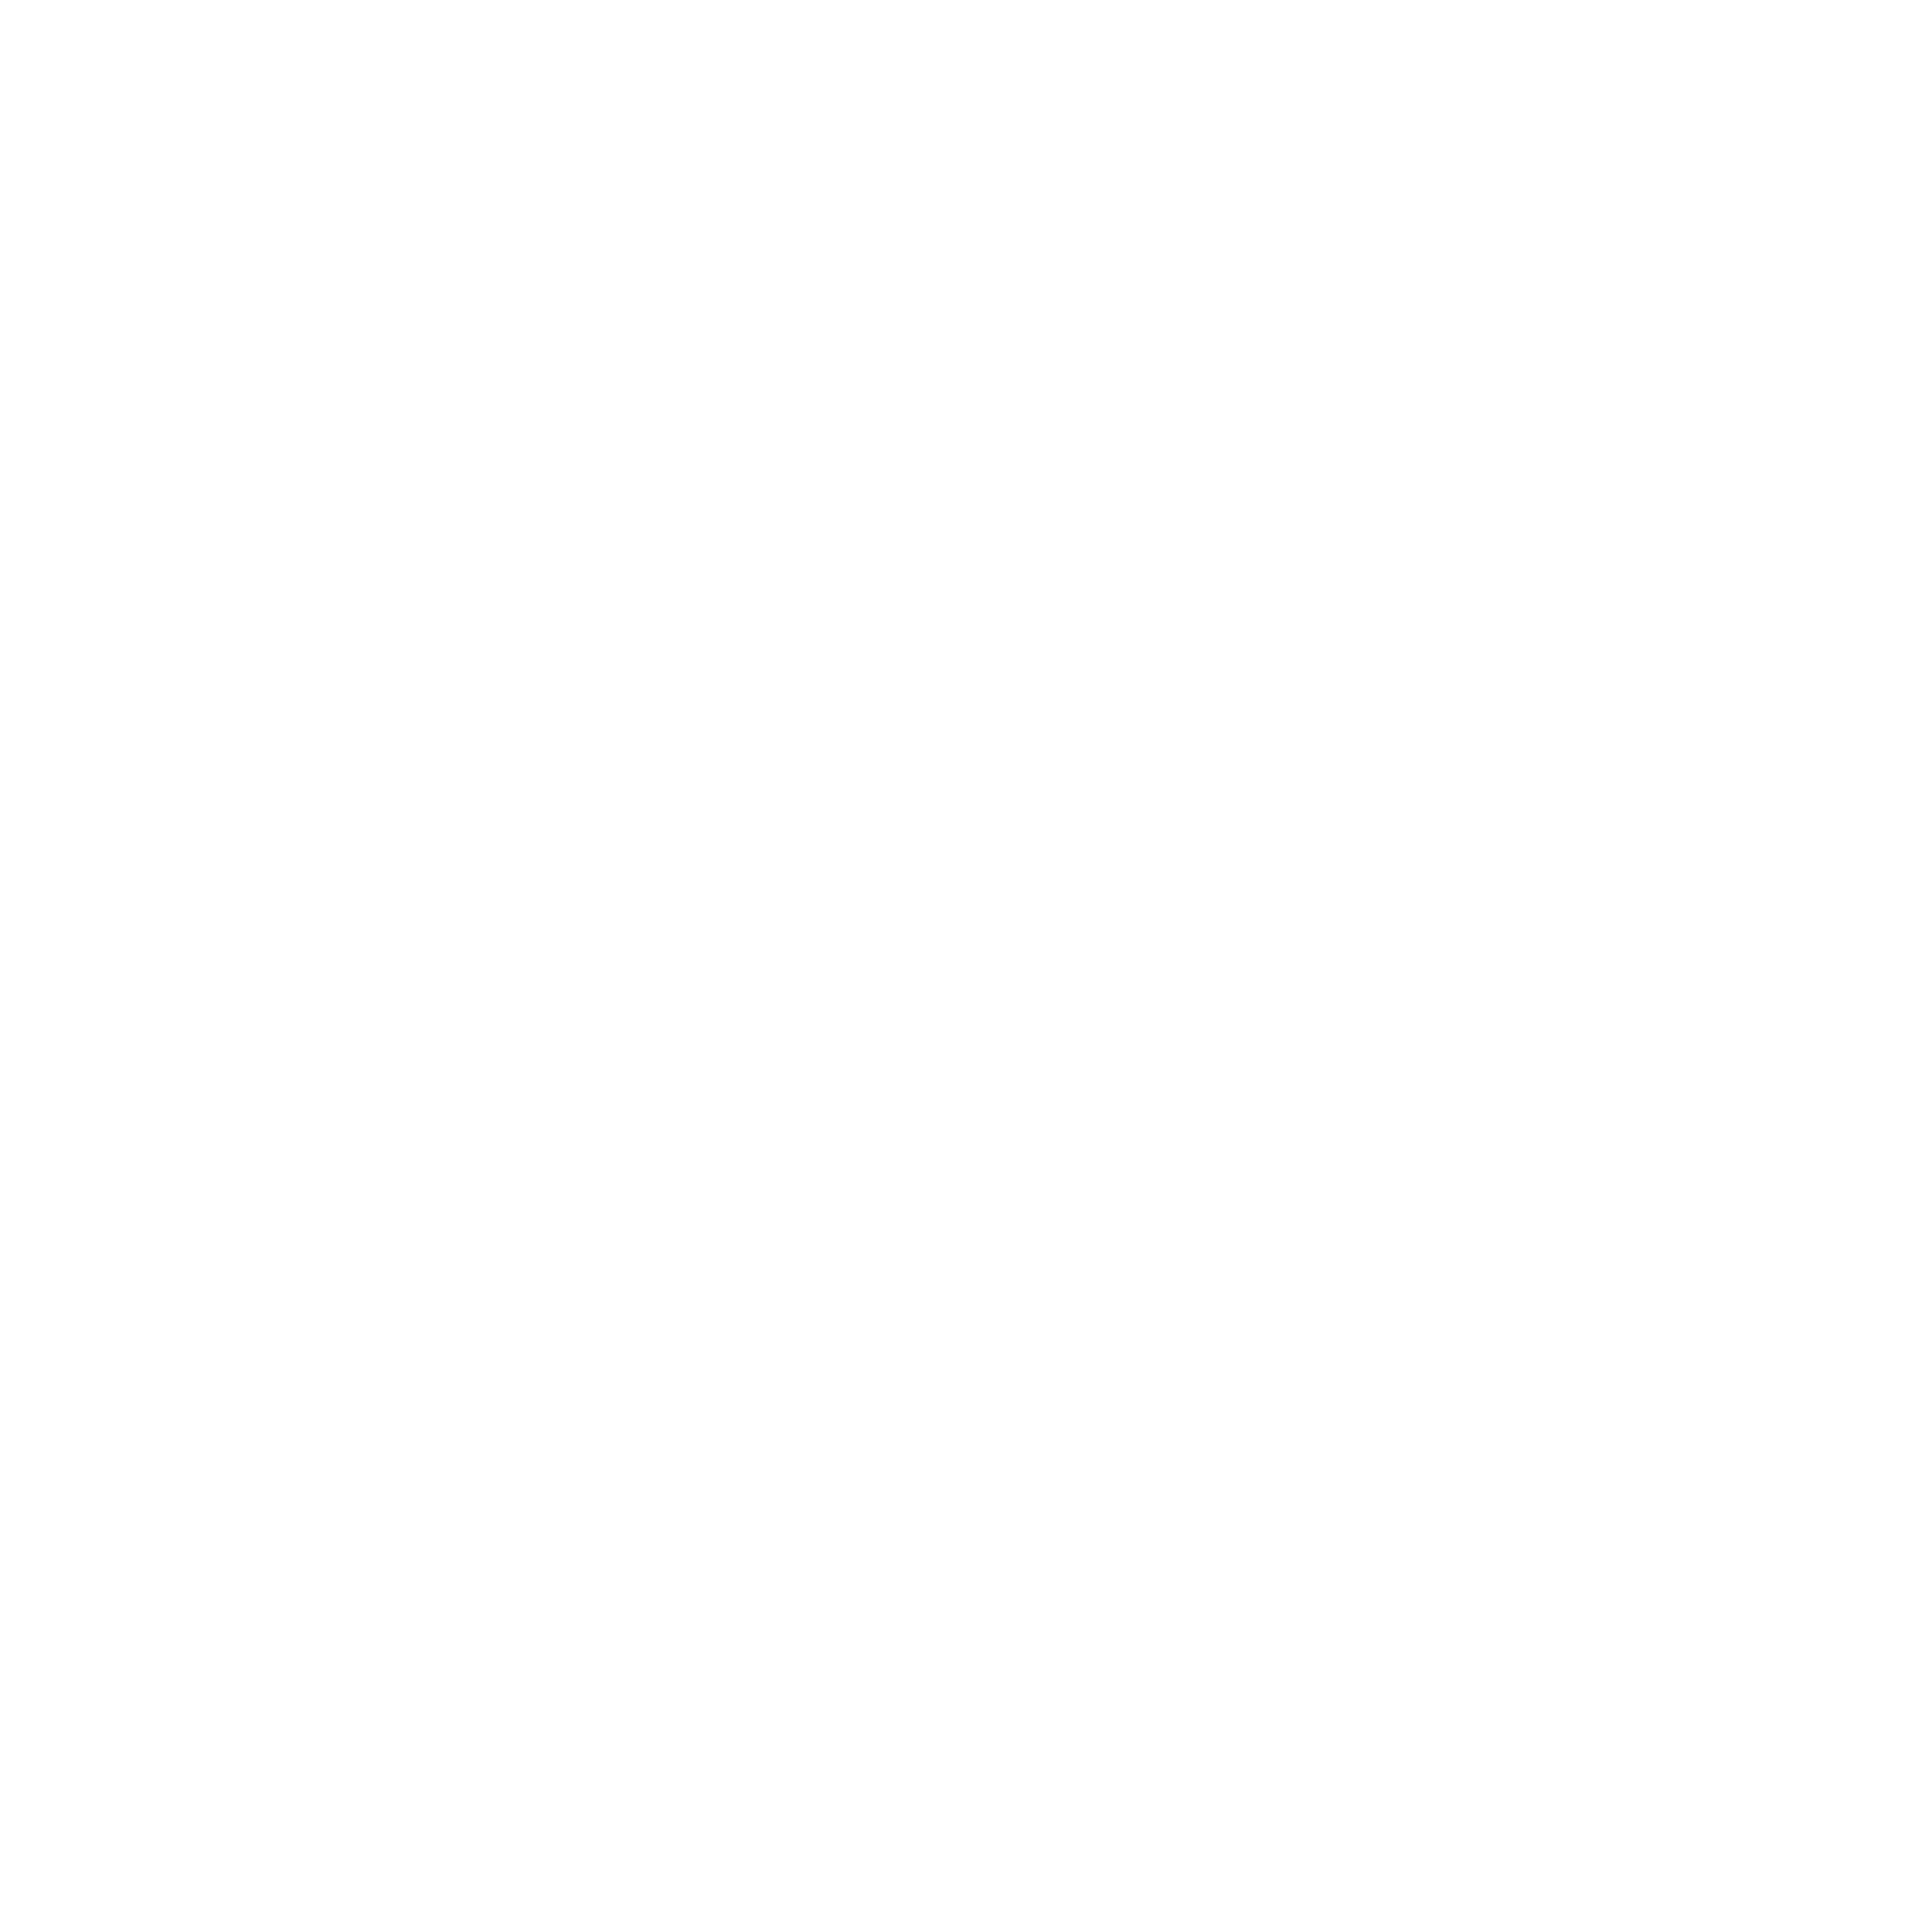 friedlicherevolution